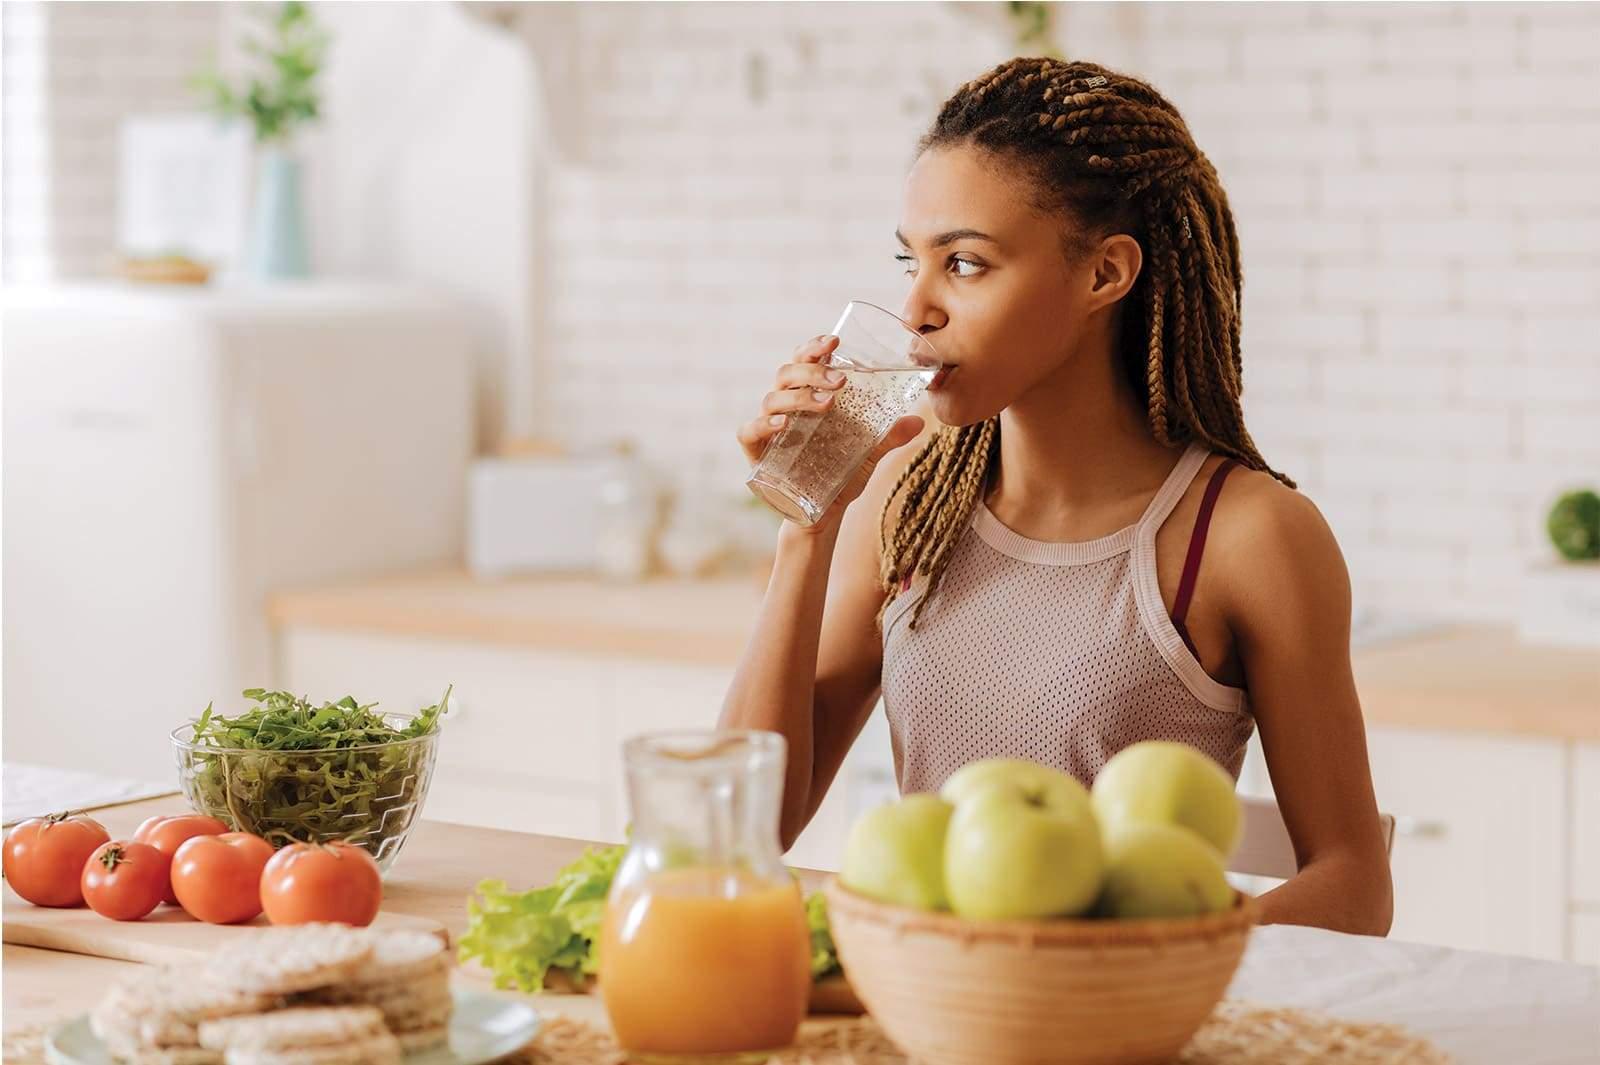 Femme noire avec dreadlocks, sportive, prenant son petit dejeuner. Fruits et legumes.